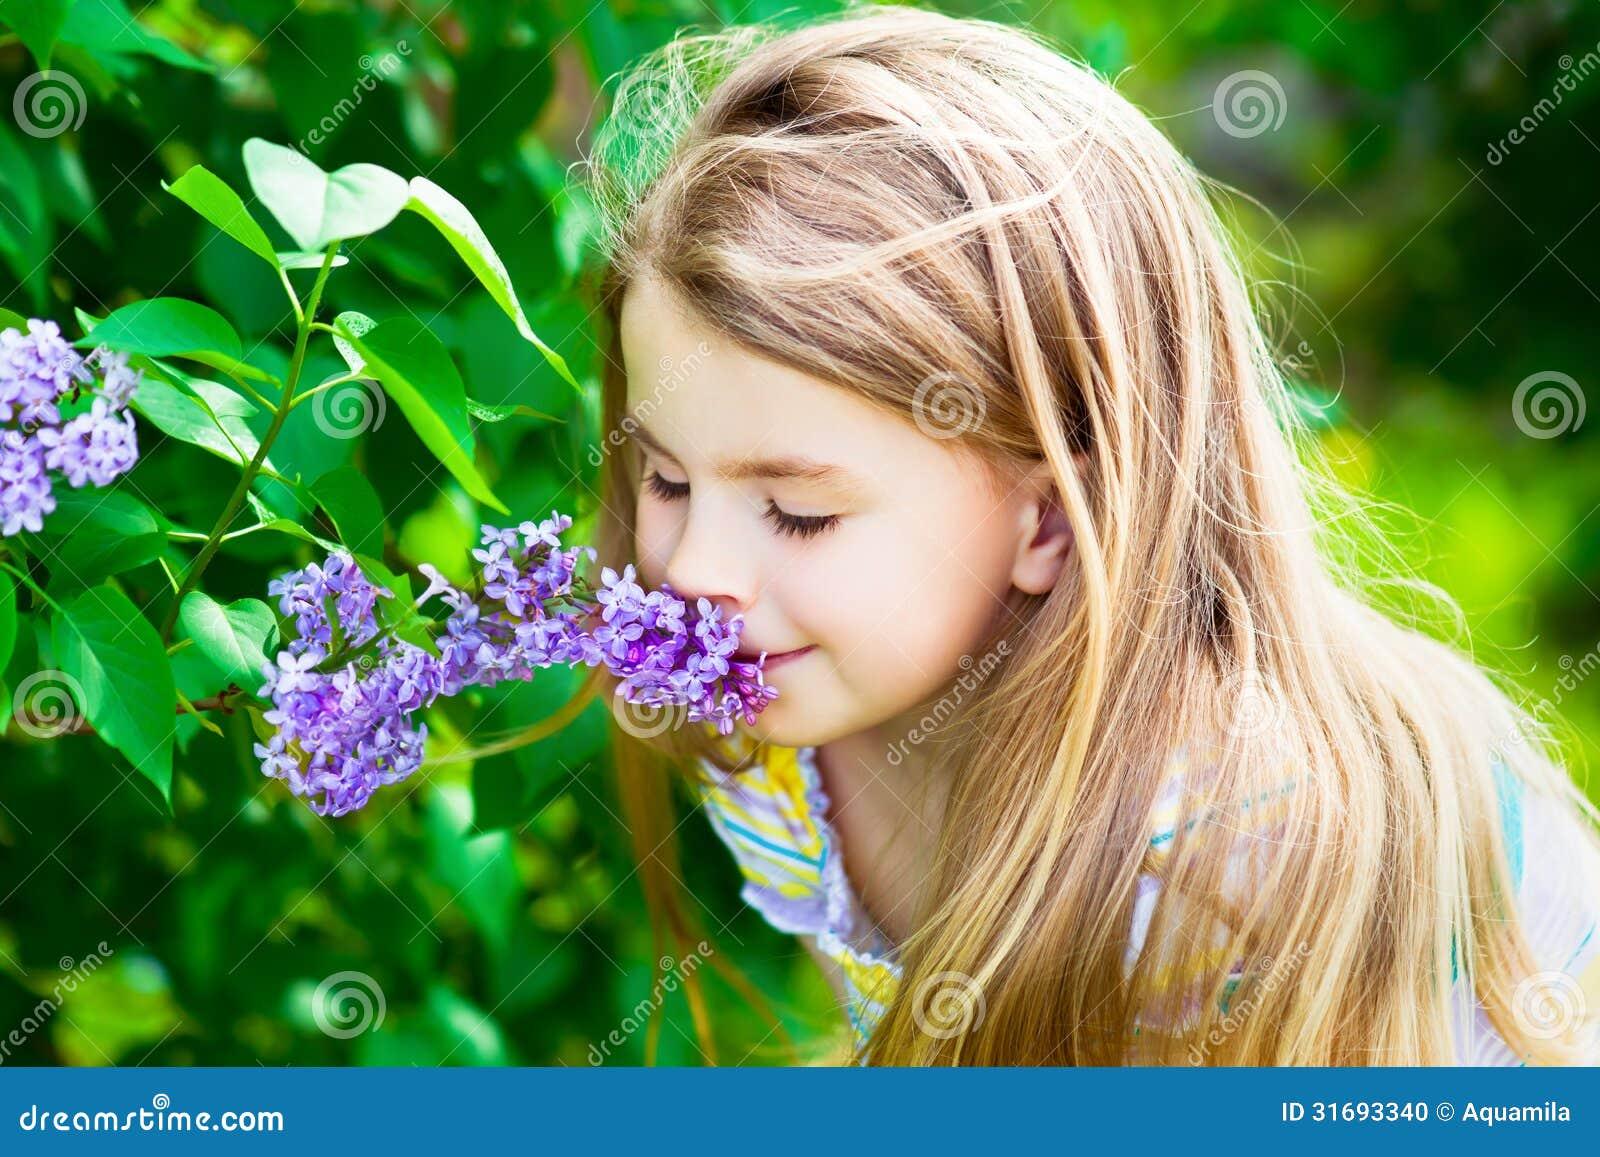 Mooi blond meisje met lange haar ruikende bloem